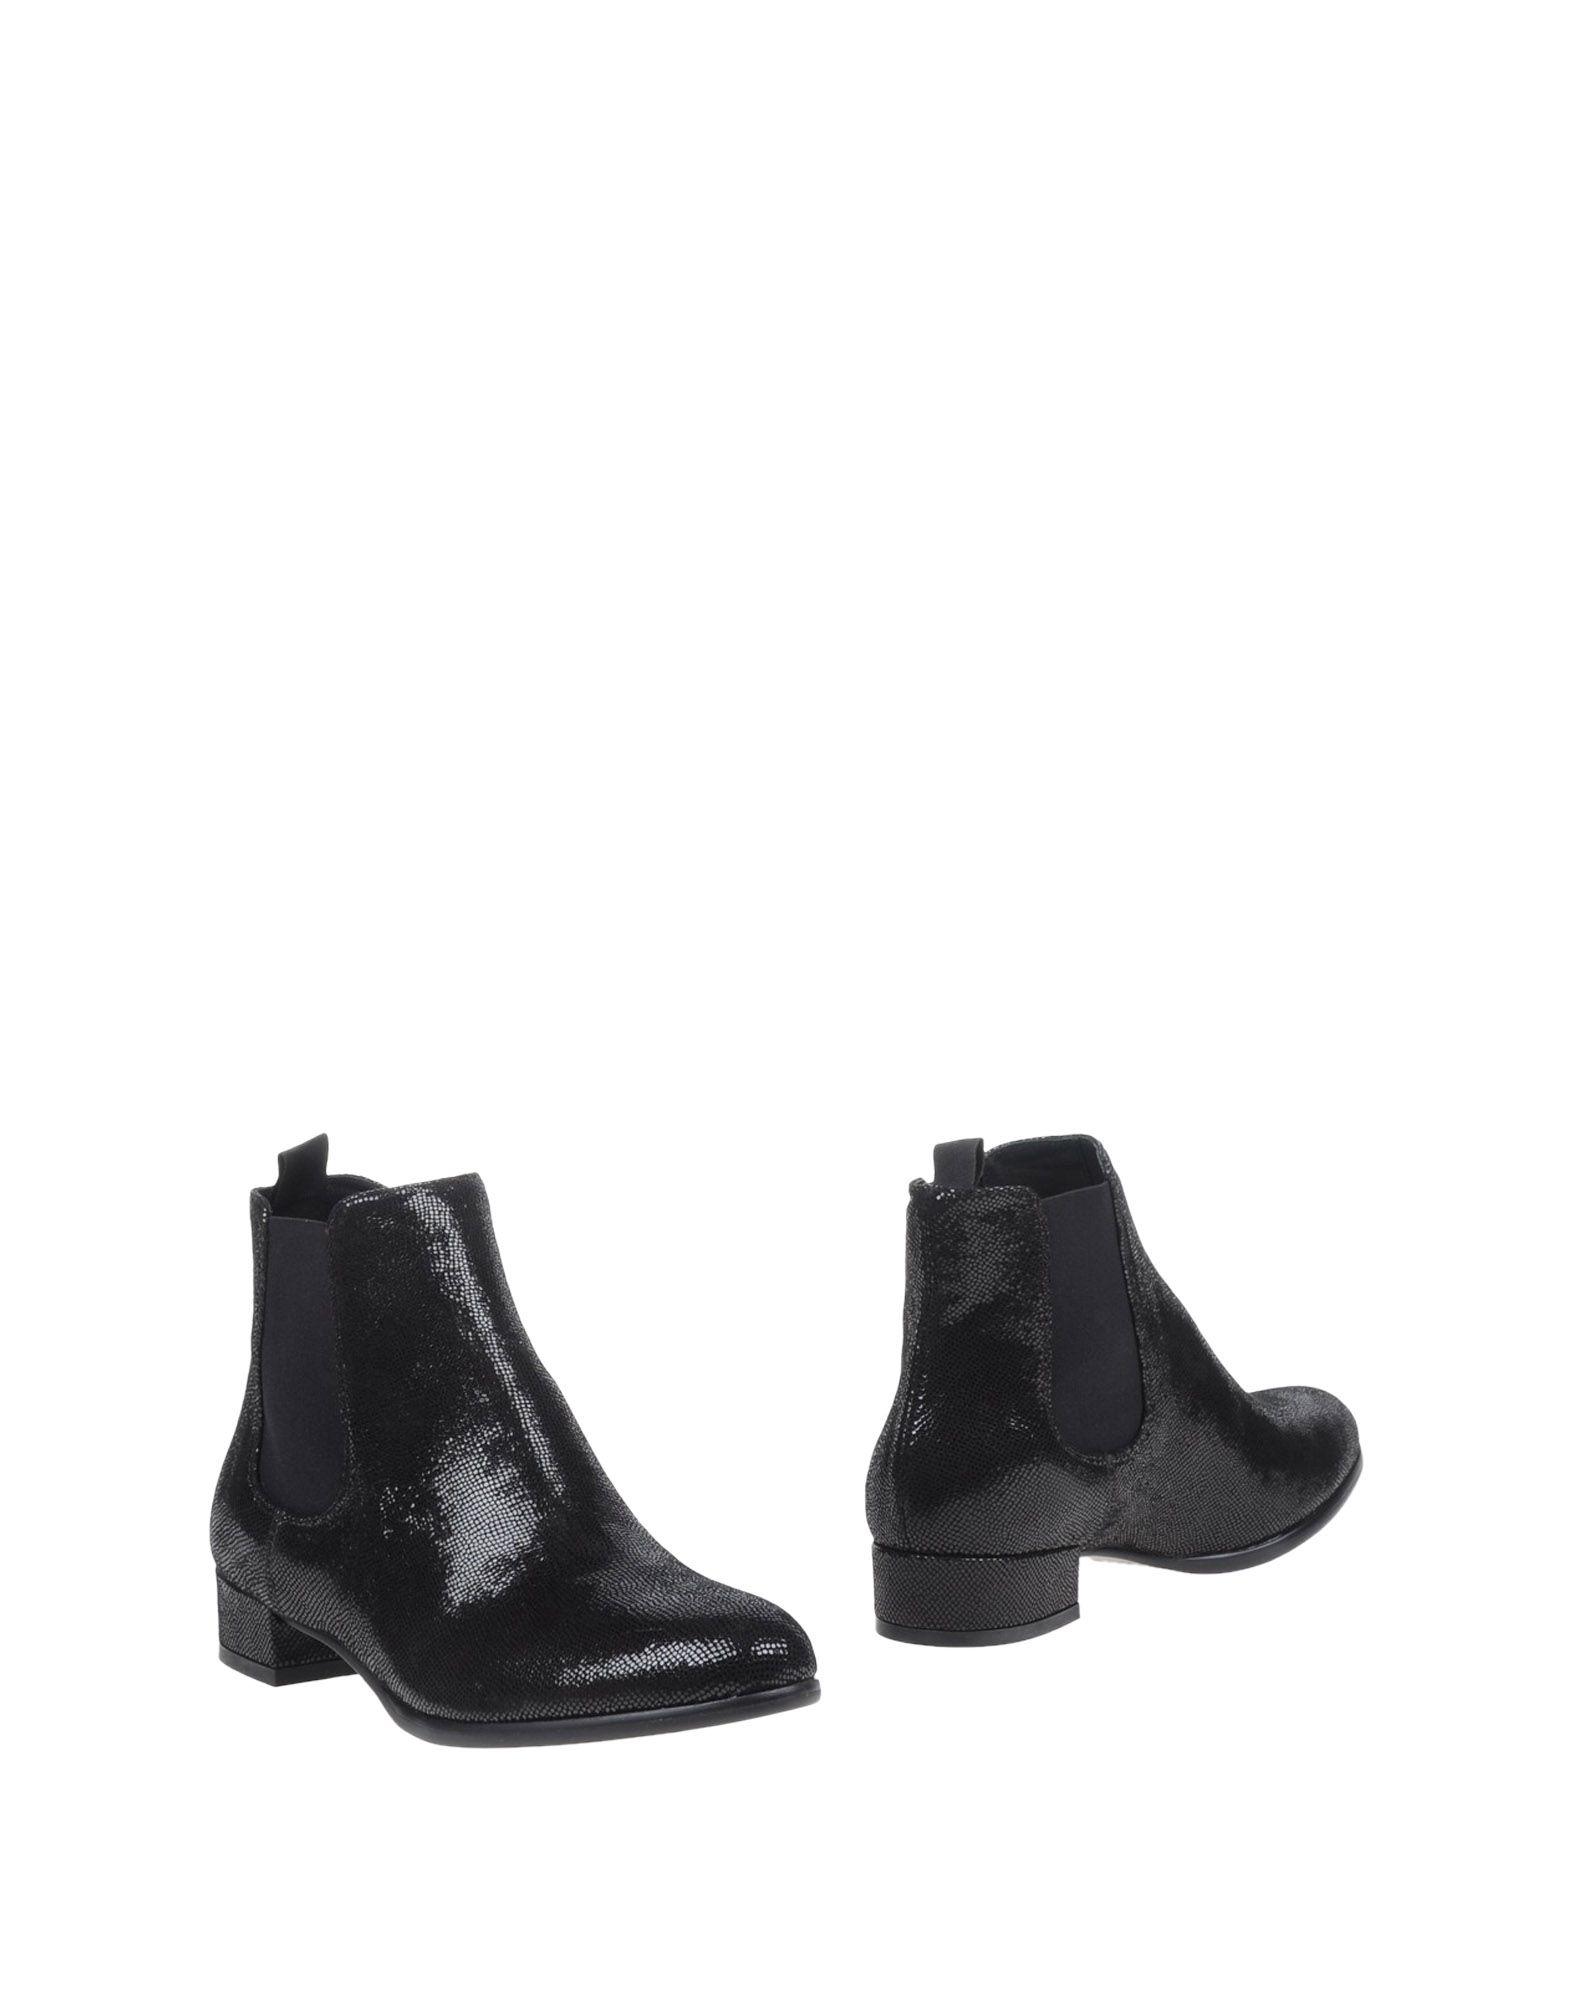 Lola Cruz Stiefelette Damen  11009155AP Gute Qualität beliebte Schuhe